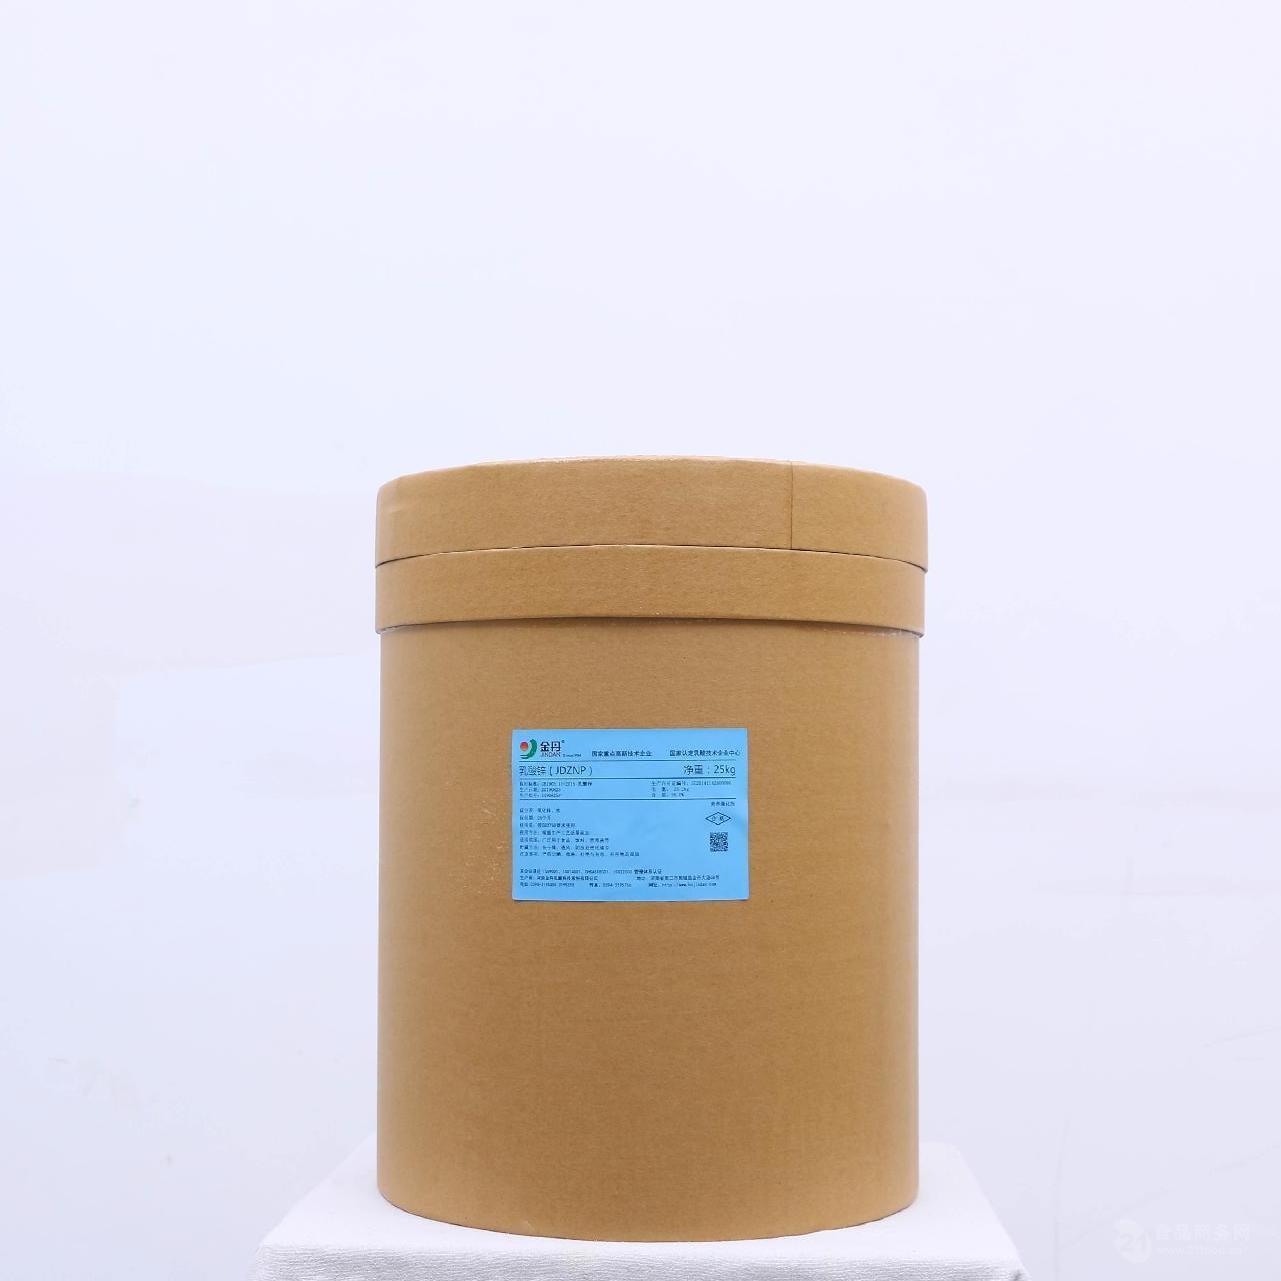 乳酸锌供应商